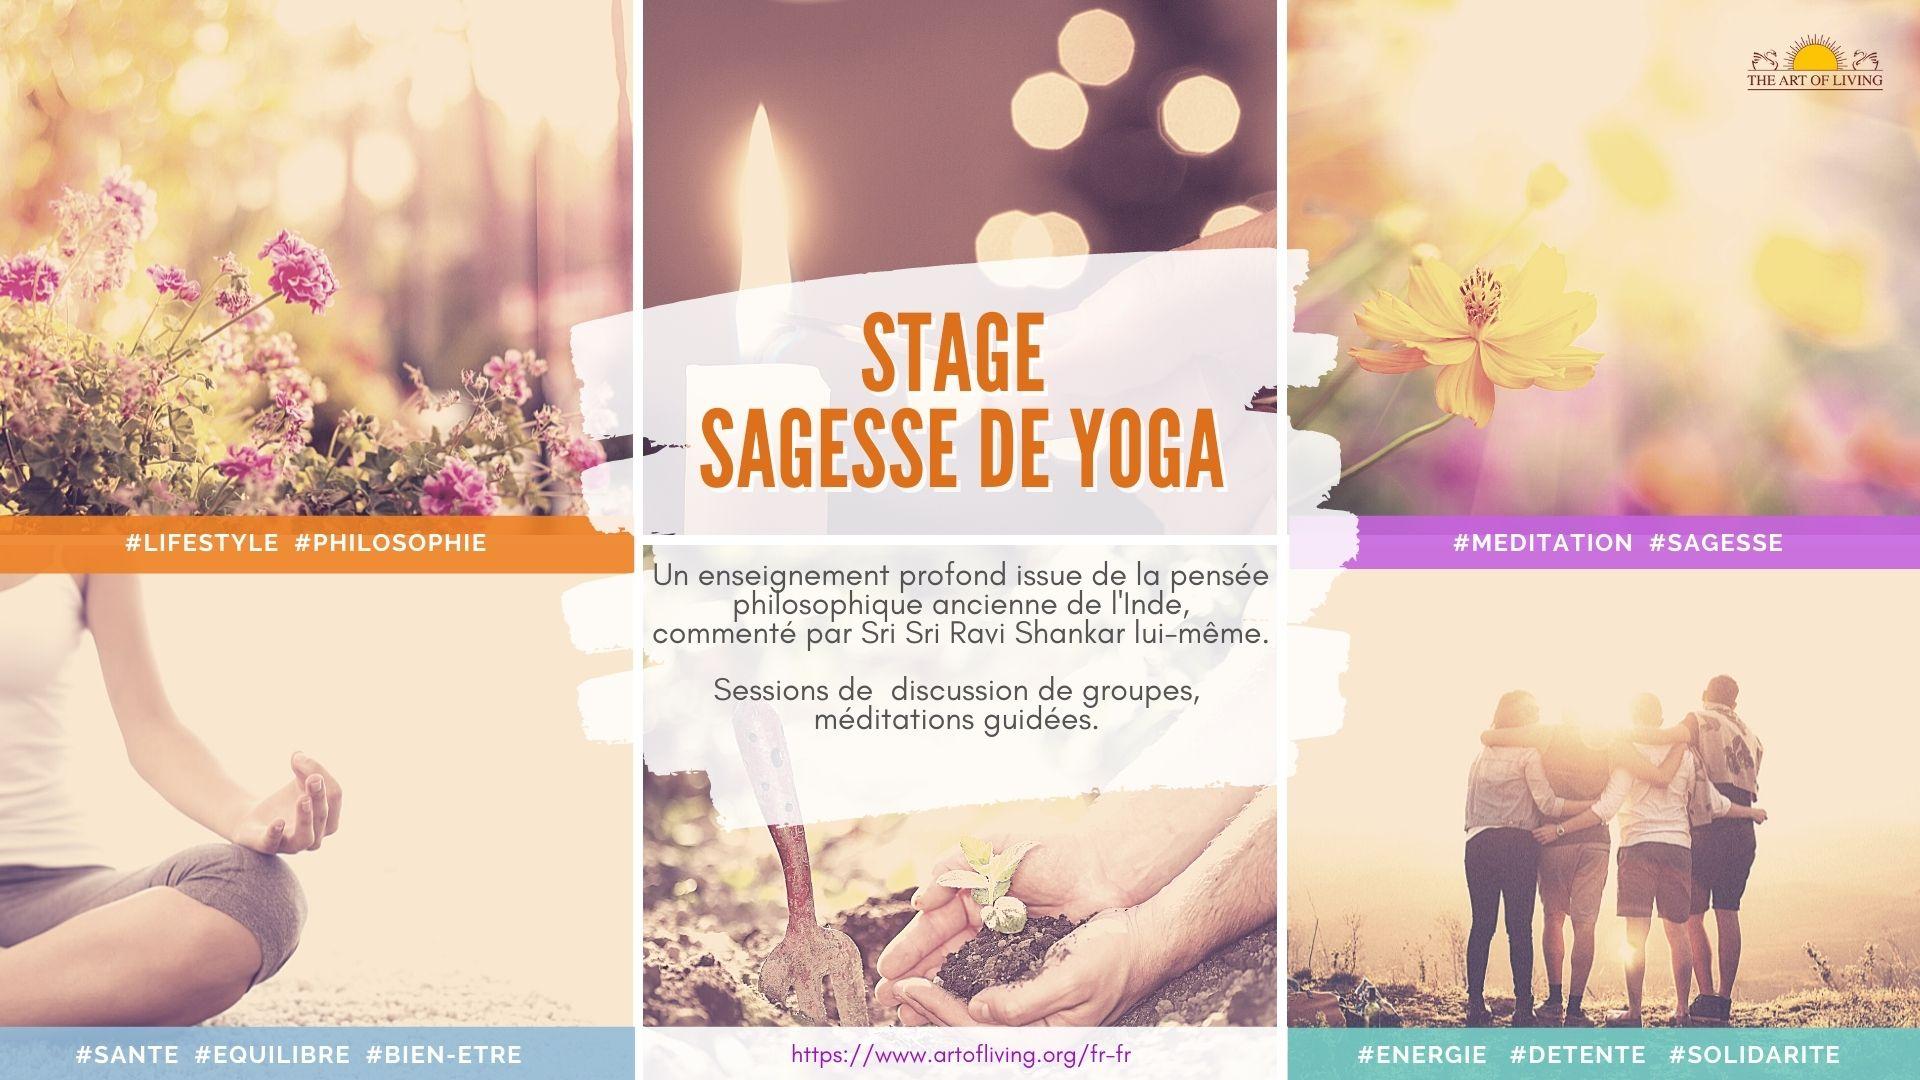 Stage Sagesse du Yoga